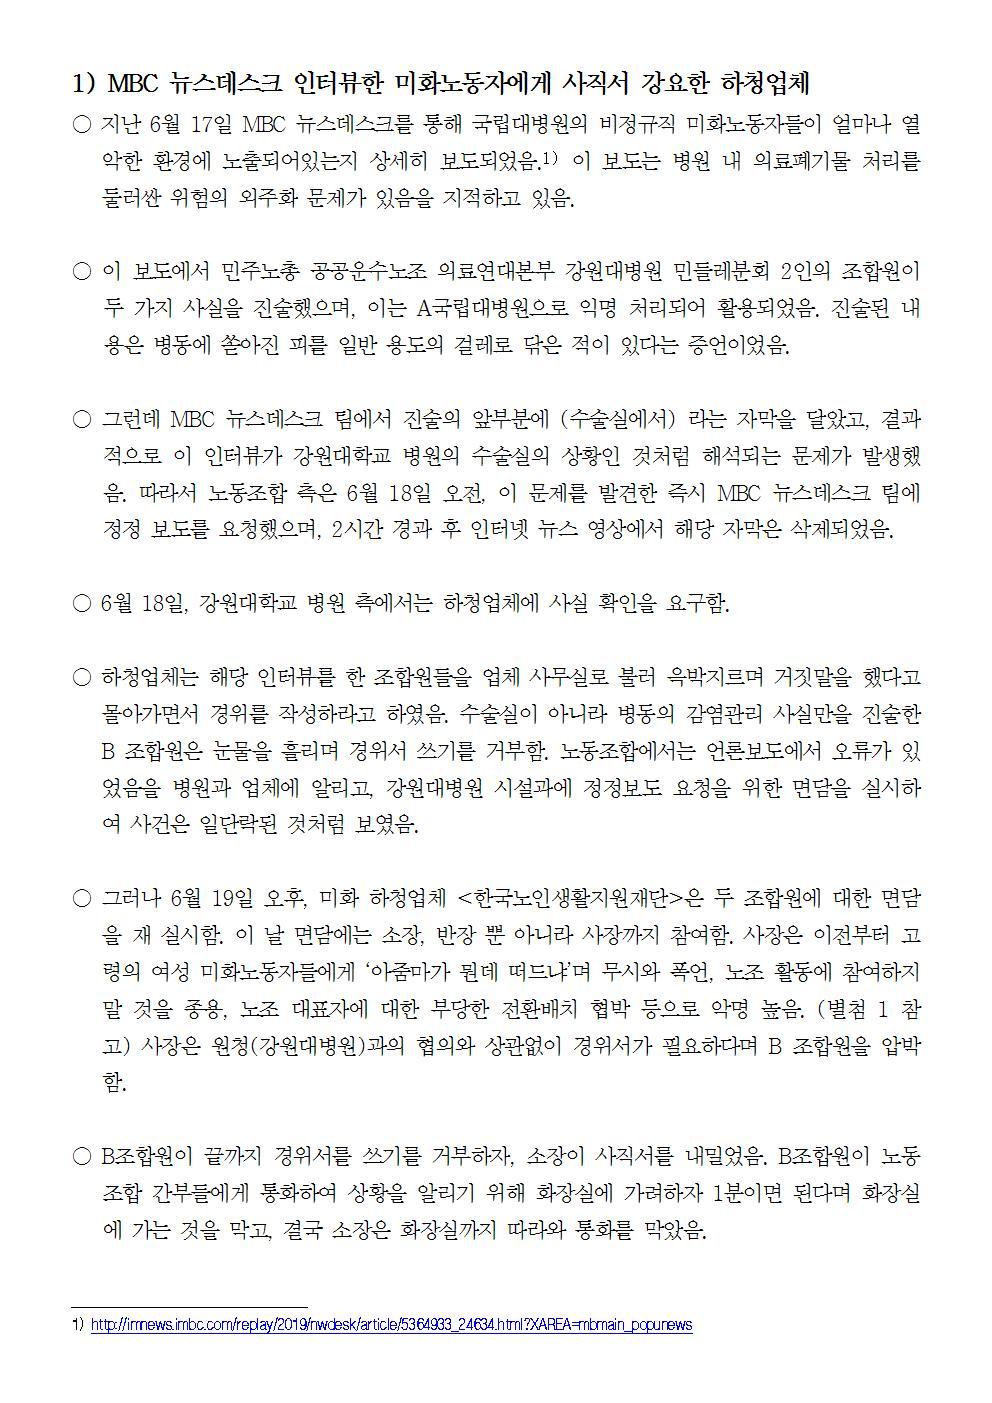 [보도자료]190701_강대병원비정규직4인해고노조투쟁시작002.jpg